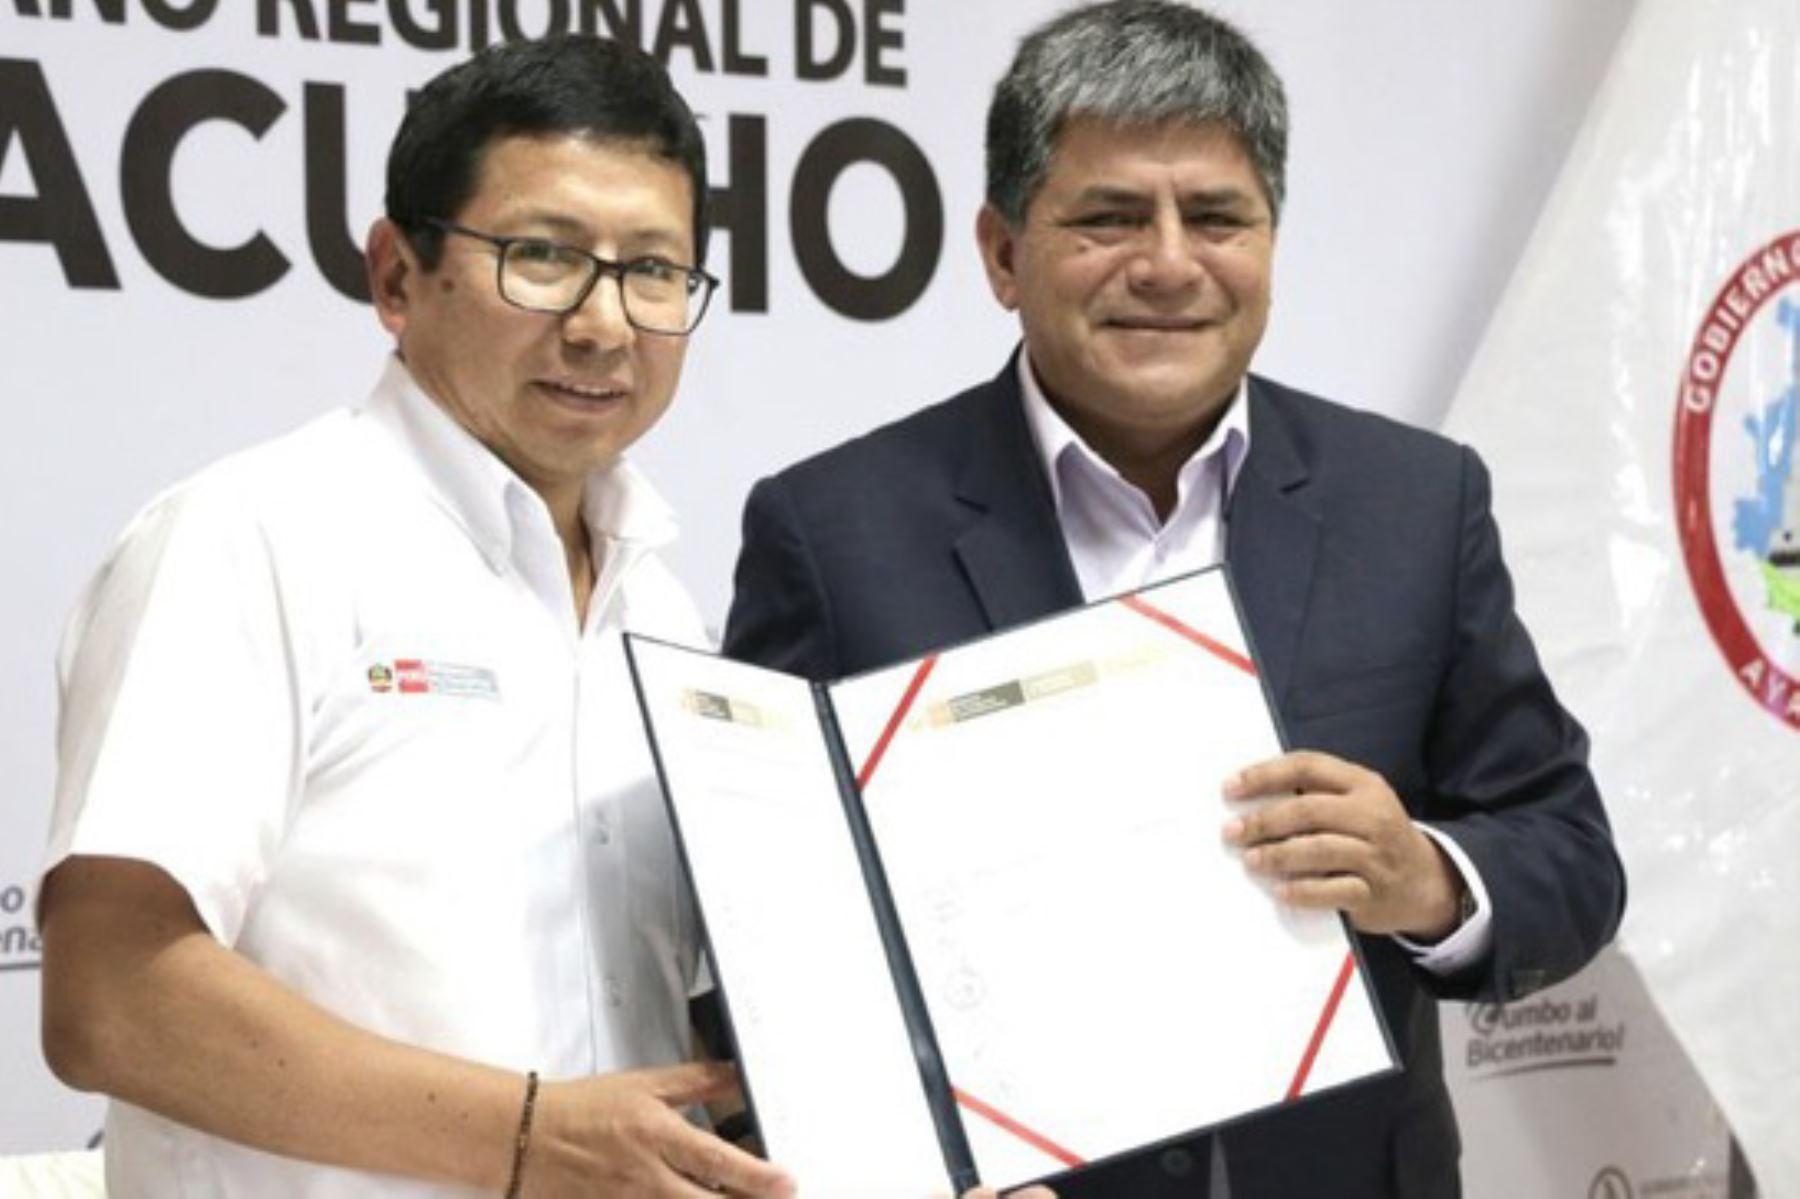 El ministro de Transportes y Comunicaciones (MTC), Edmer Trujillo, se reunió con el gobernador regional de Ayacucho, Carlos Rúa, y anunció que su sector ha destinado 268 millones de soles para diversos proyectos de inversión y mantenimiento de infraestructura vial en ese departamento.